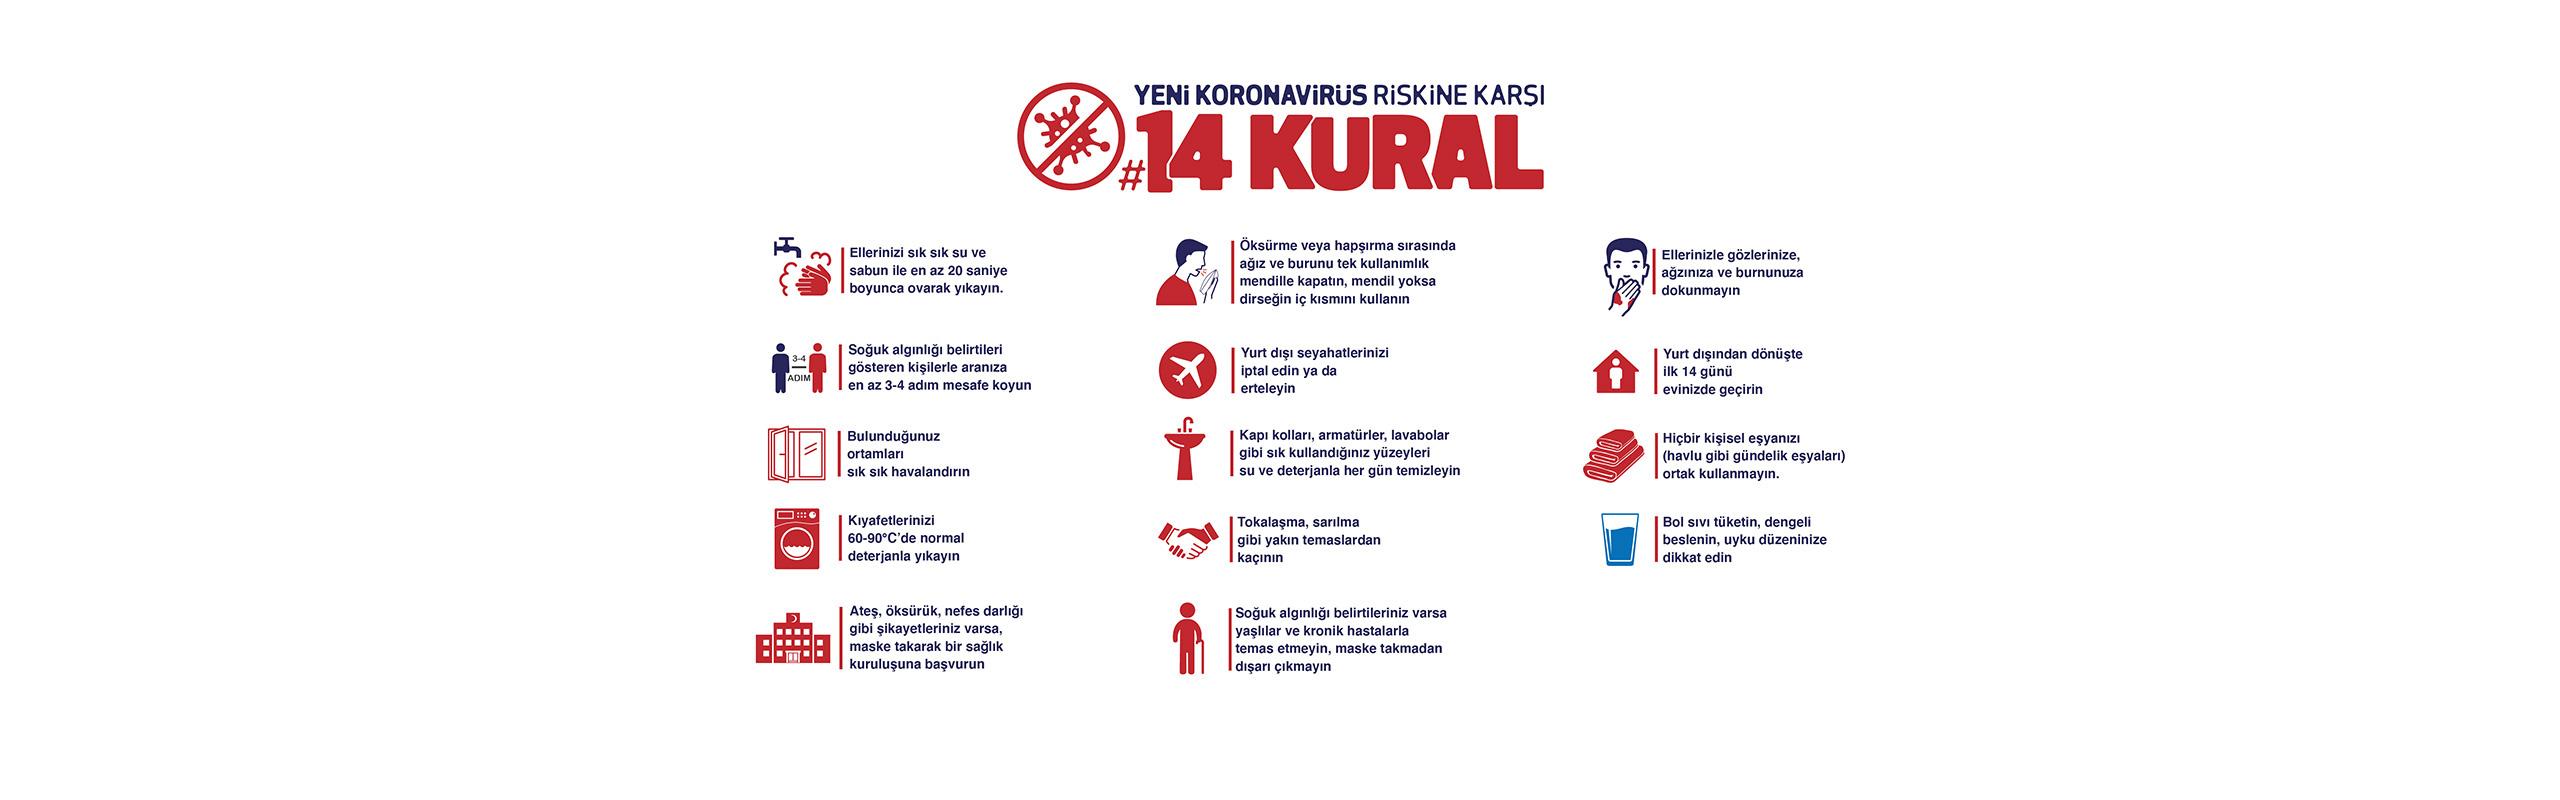 14 kural